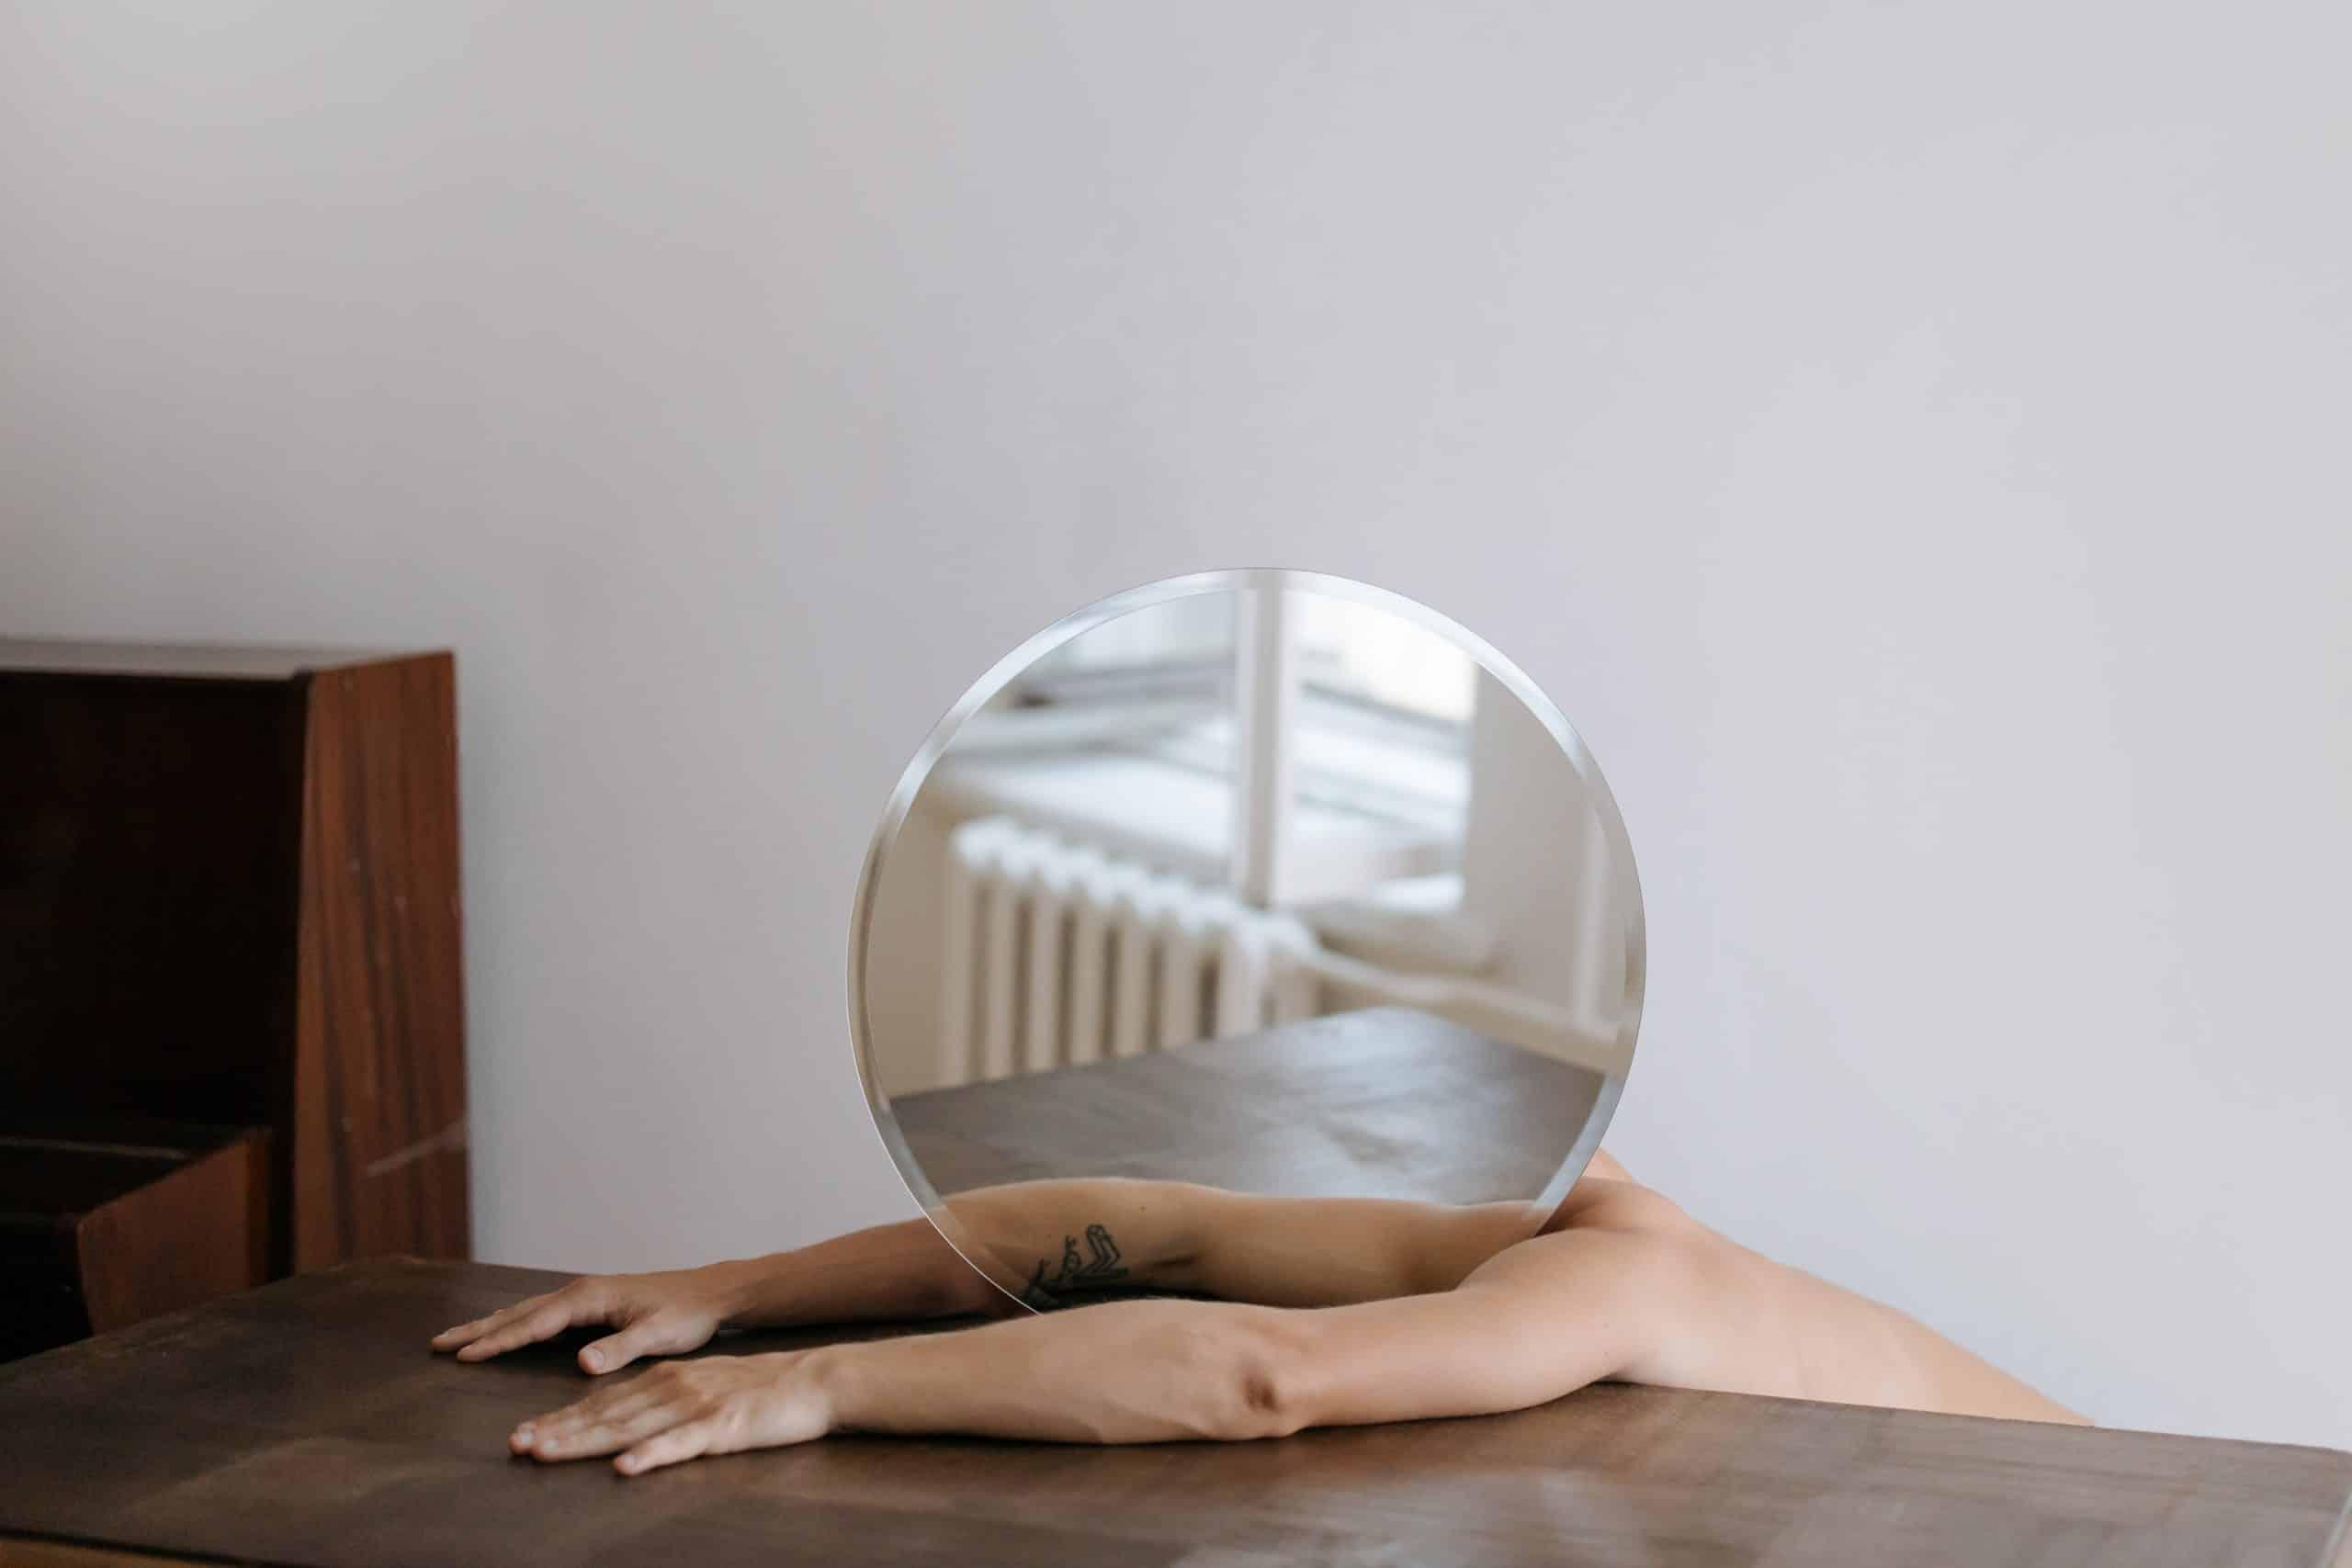 História do espelho: origem e curiosidades sobre o objeto